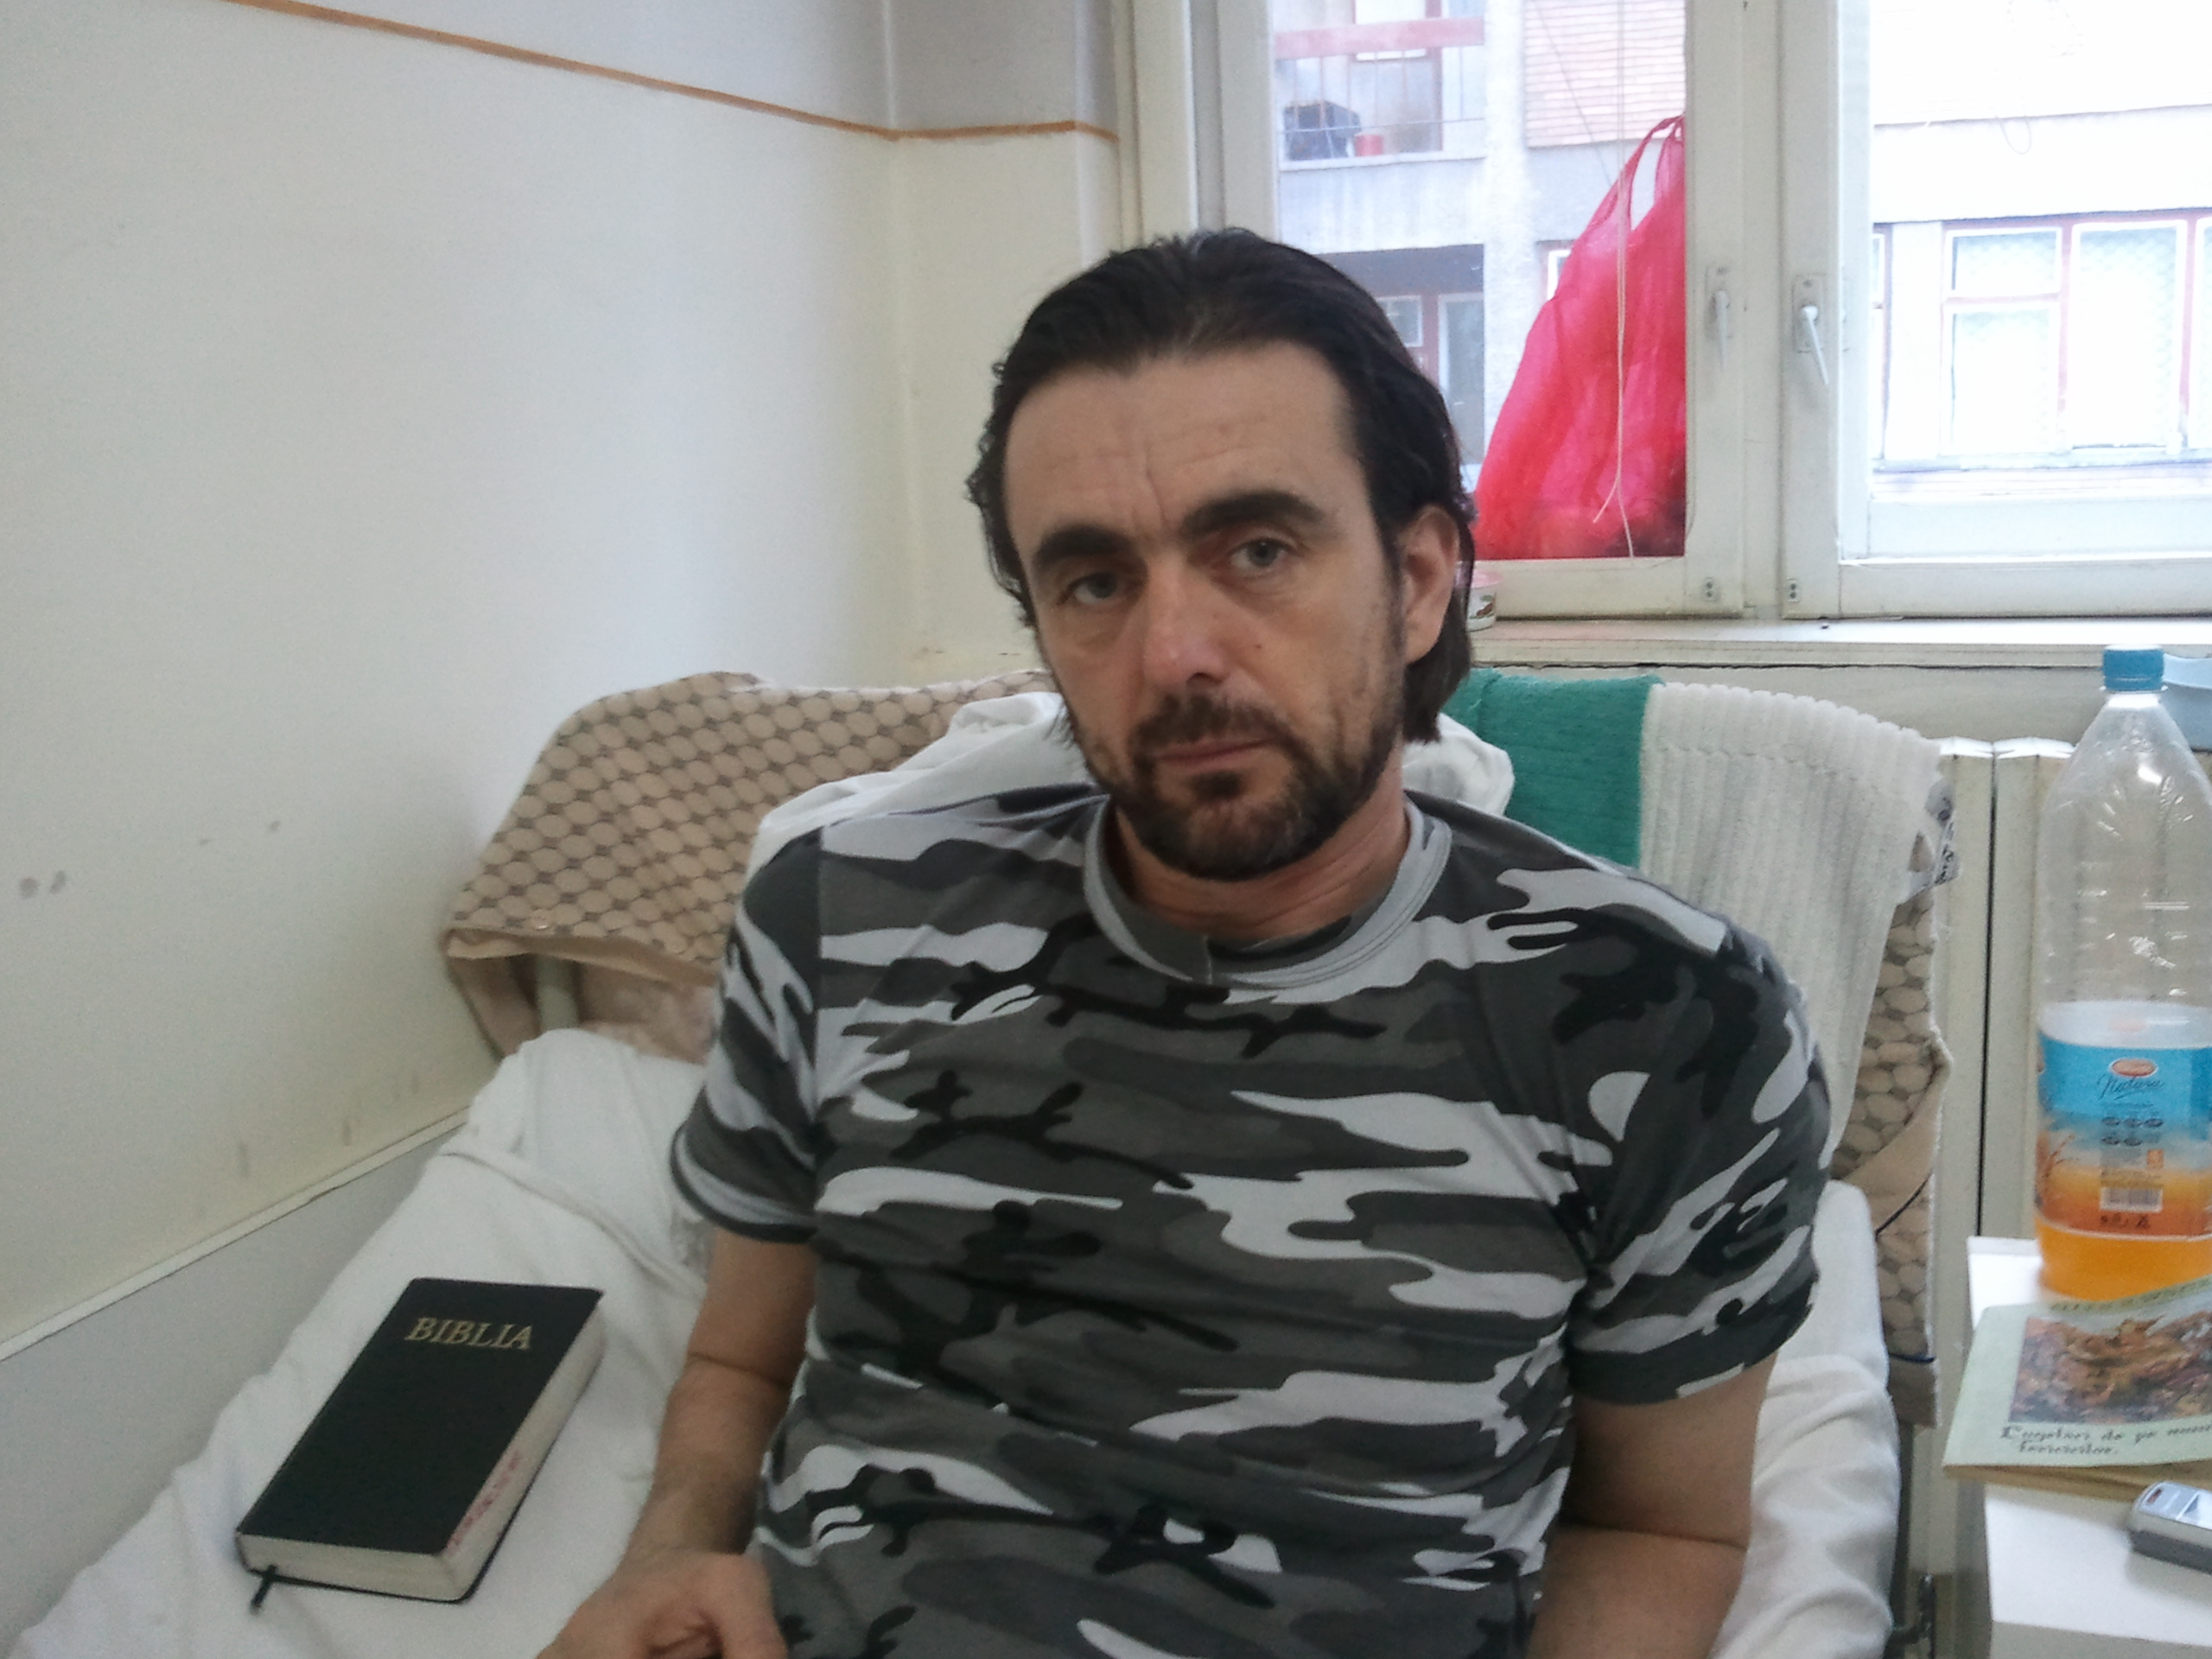 APEL URGENT – Salveaza viata lui Sabin Firizoiu – orice zi care trece ii poate fi fatala VEZI VIDEO